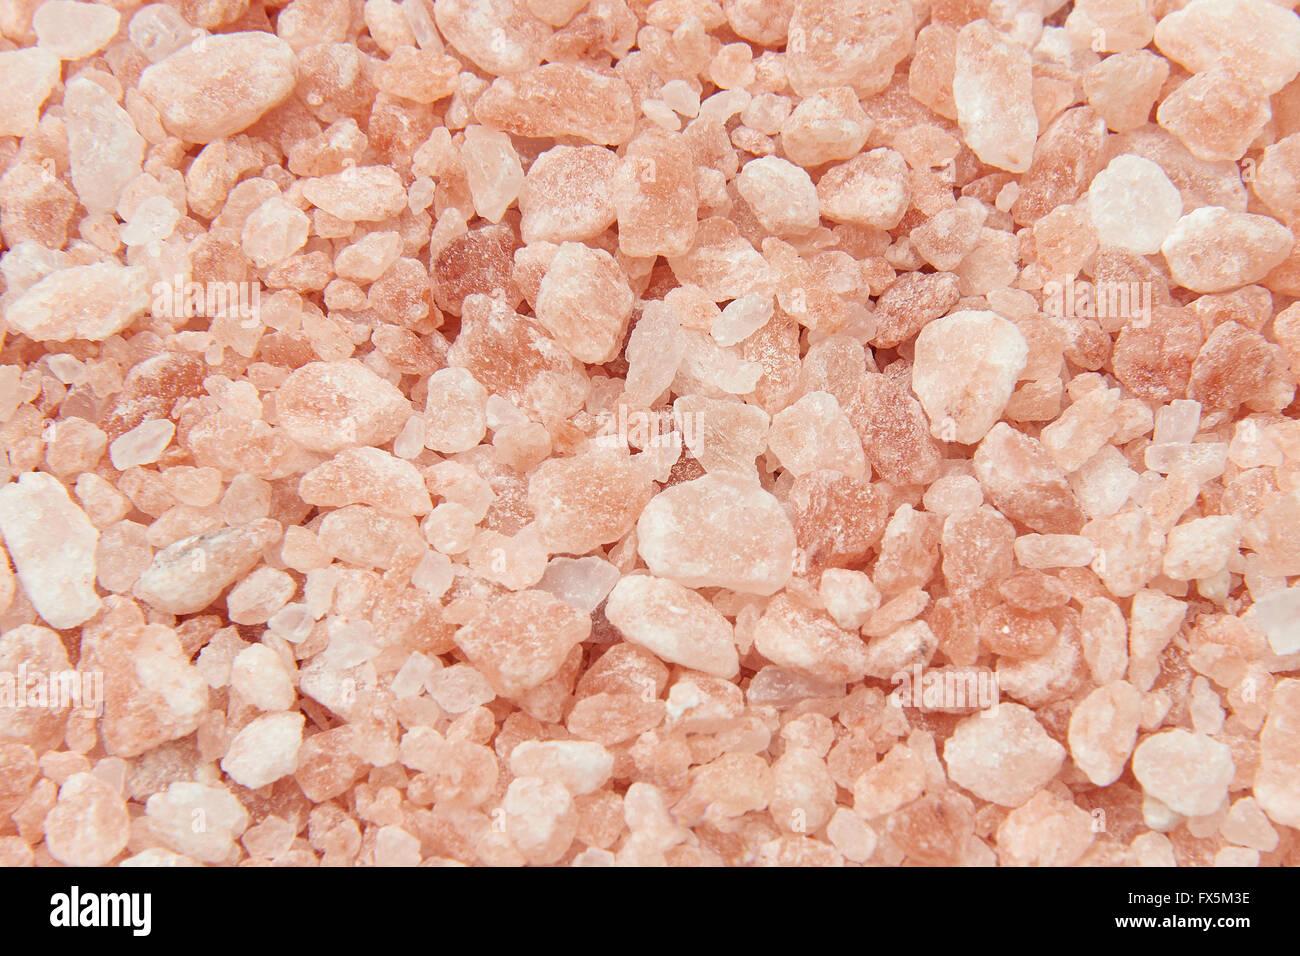 Nahaufnahme Bild der rosa Himalaya-Salzkristalle Stockbild